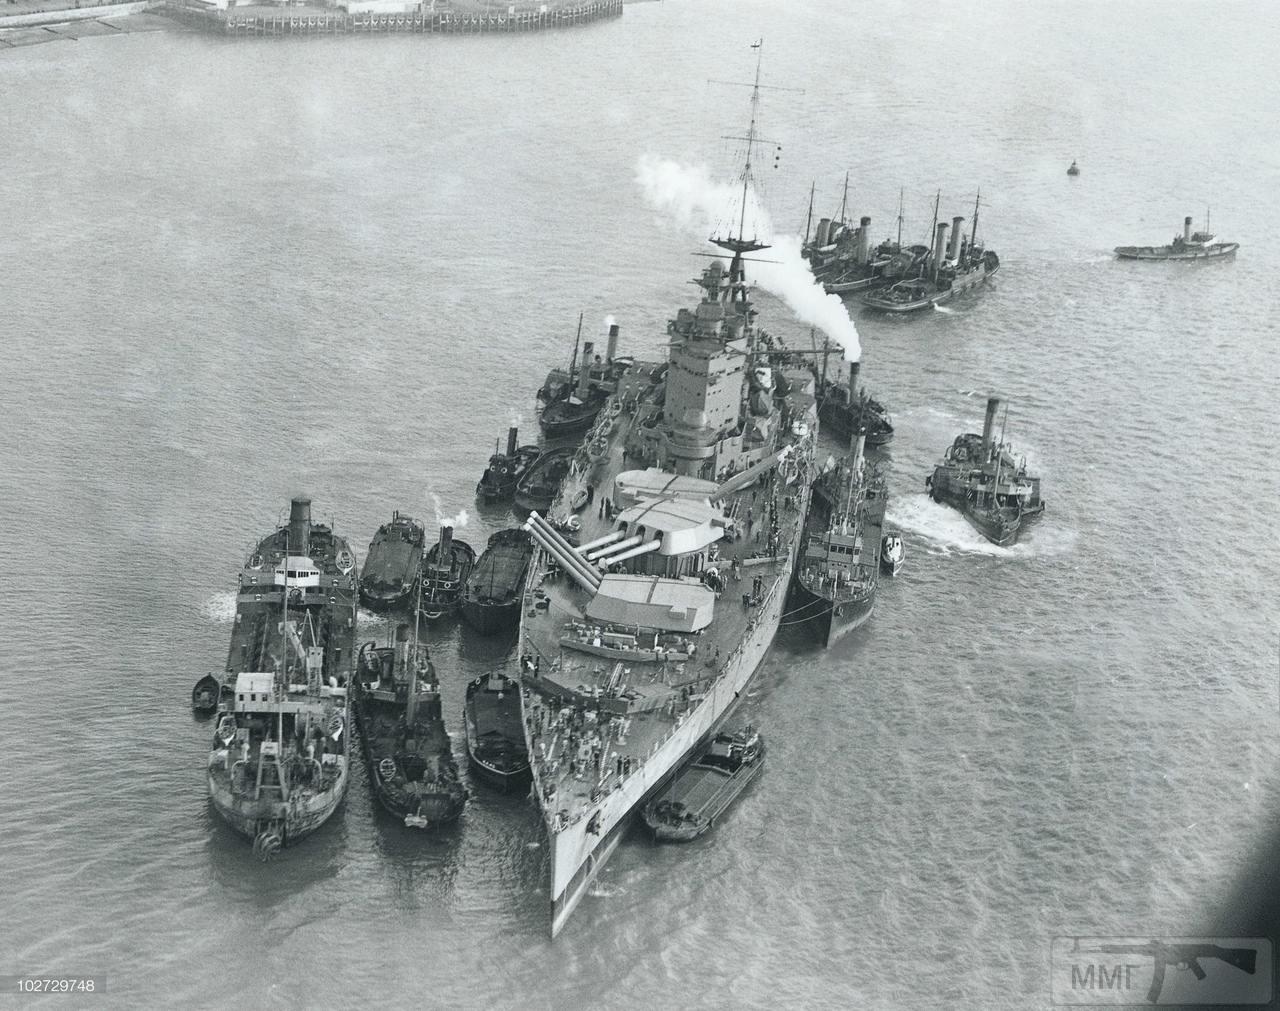 64695 - Броненосцы, дредноуты, линкоры и крейсера Британии